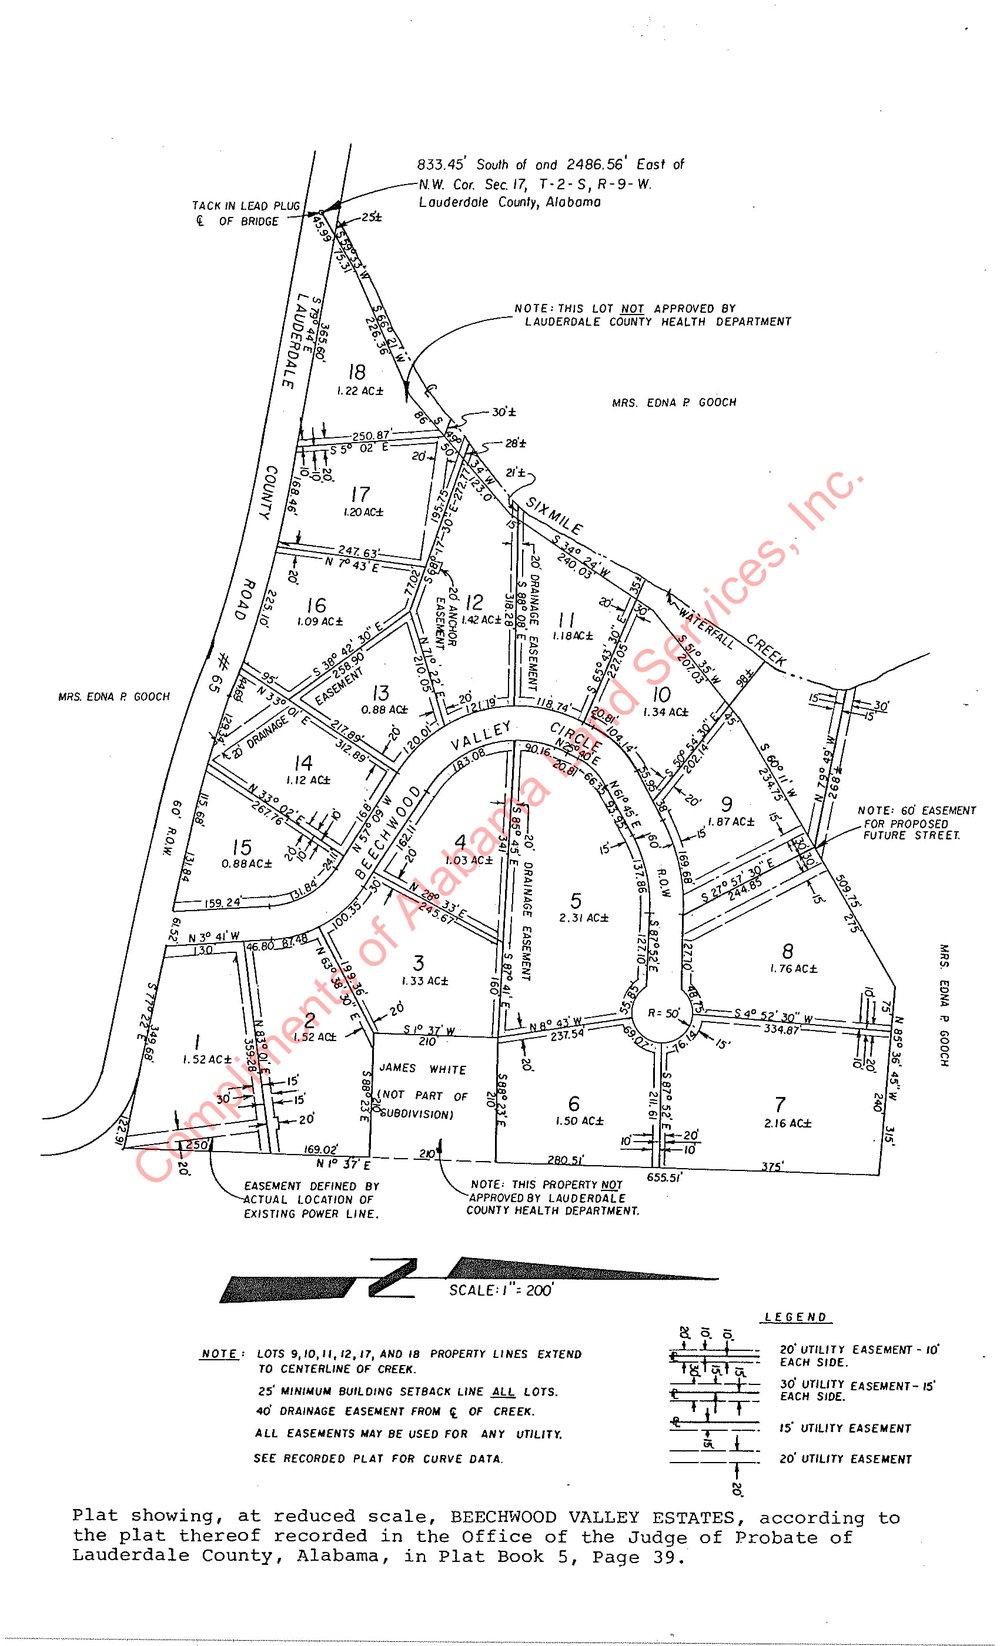 Beechwood Valley Estates plat-1.jpg